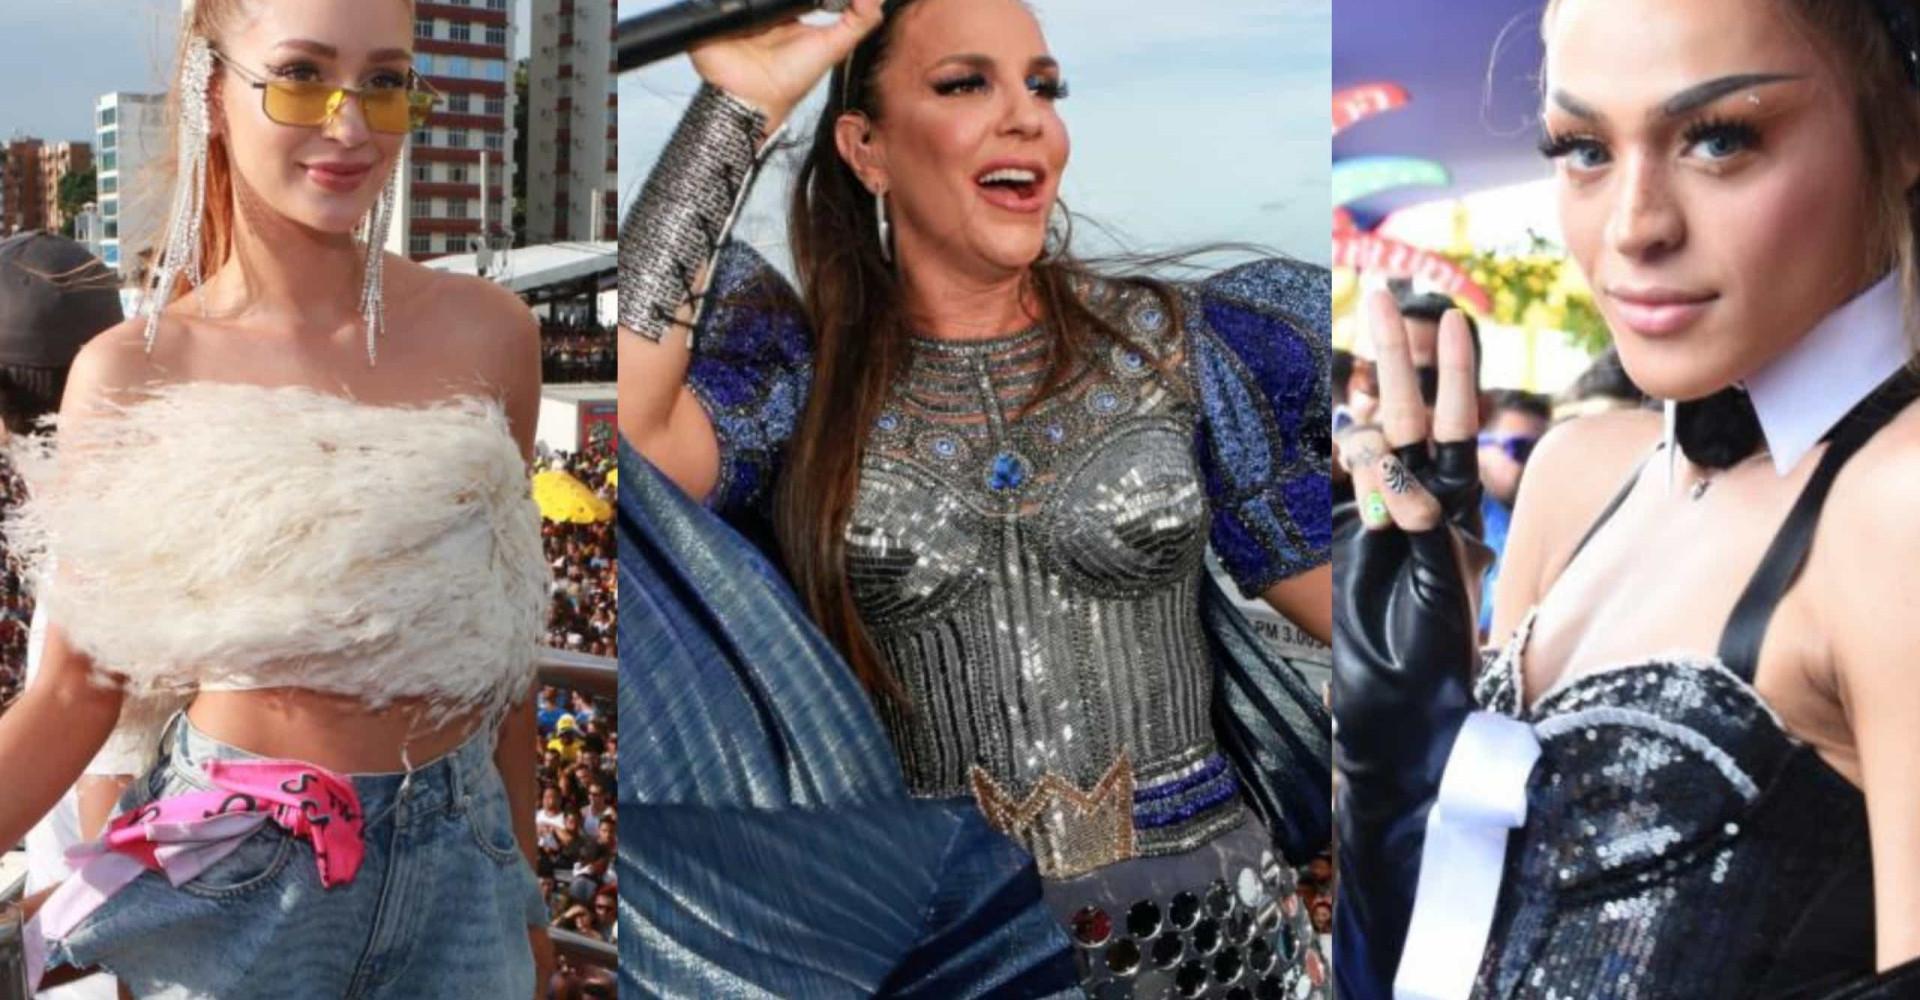 Carnaval 2020: a folia dos famosos nos camarotes, blocos e trios